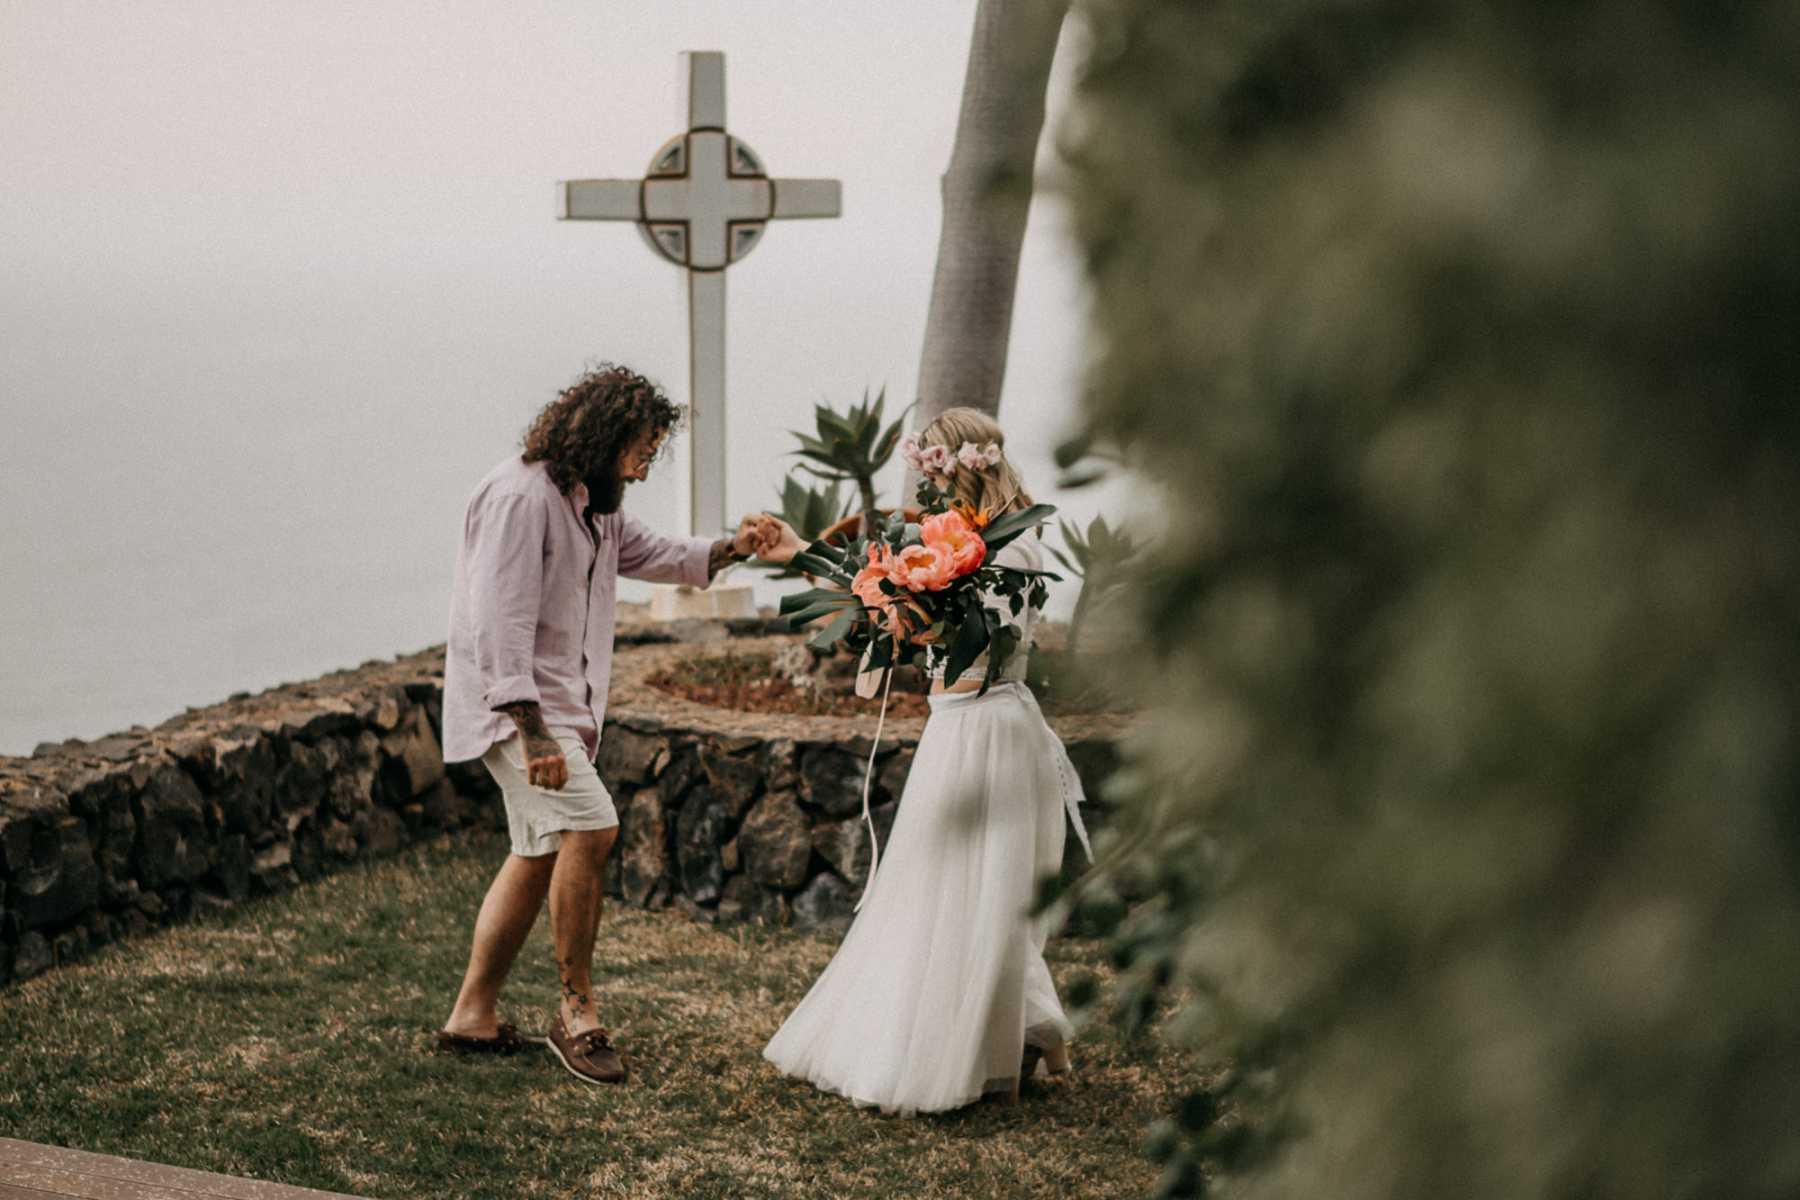 072Lars-Hammesfahr-Hochzeitsfotograf